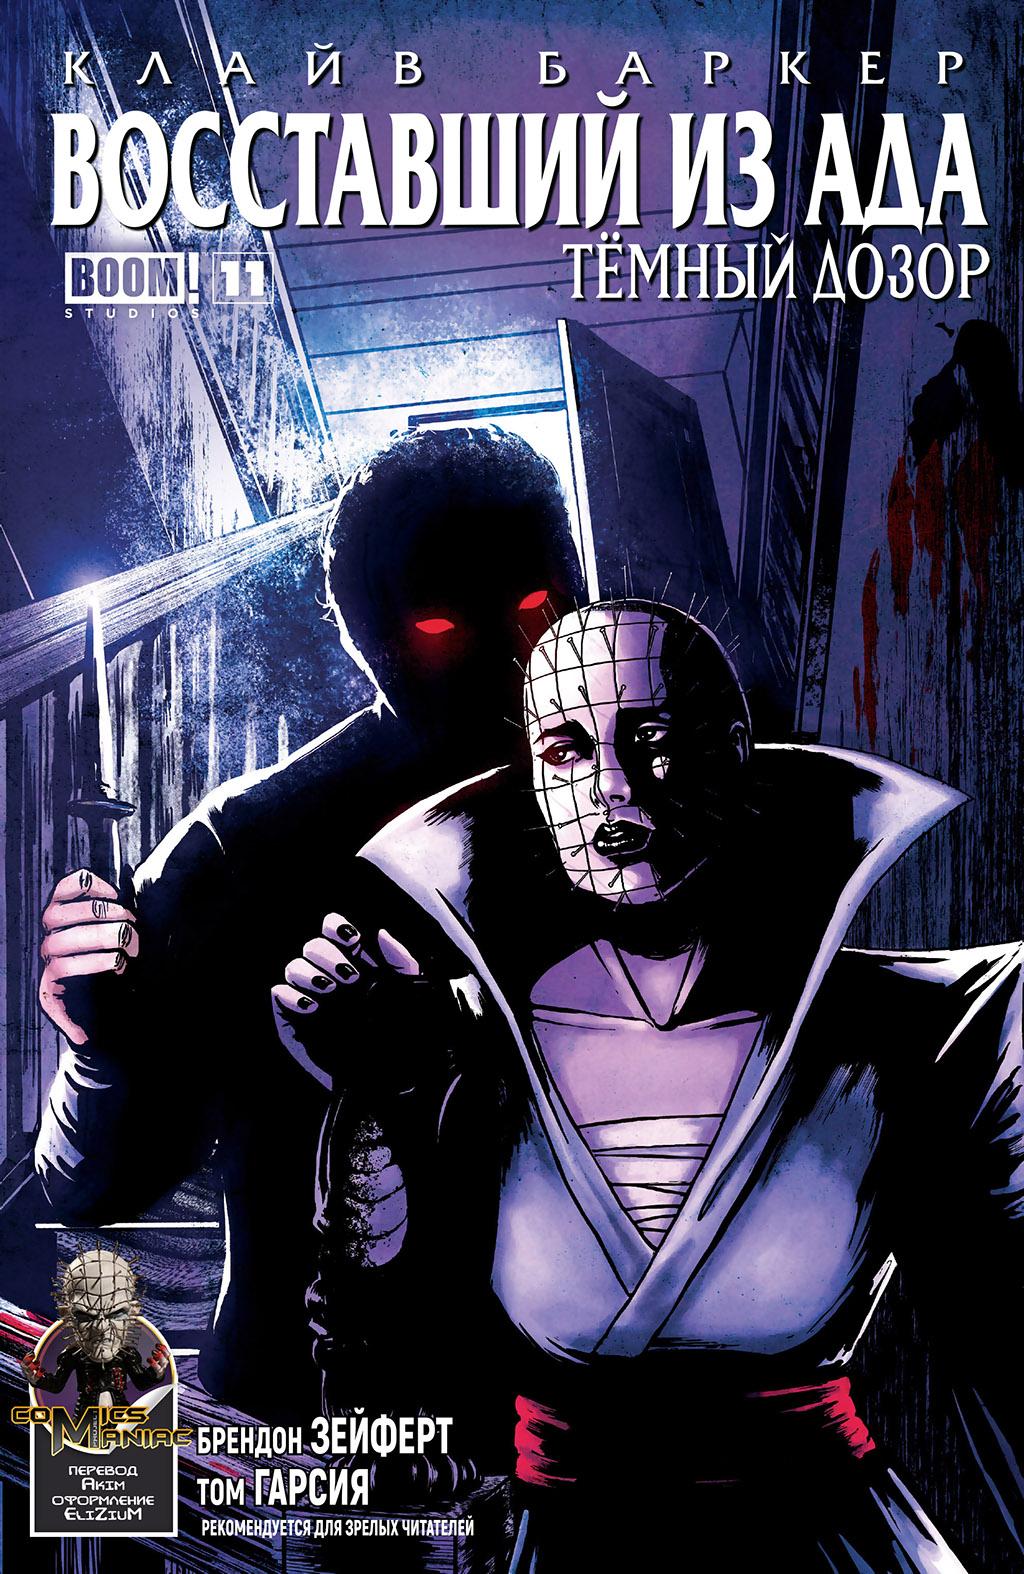 комикс Восставший из Ада - Тёмный дозор